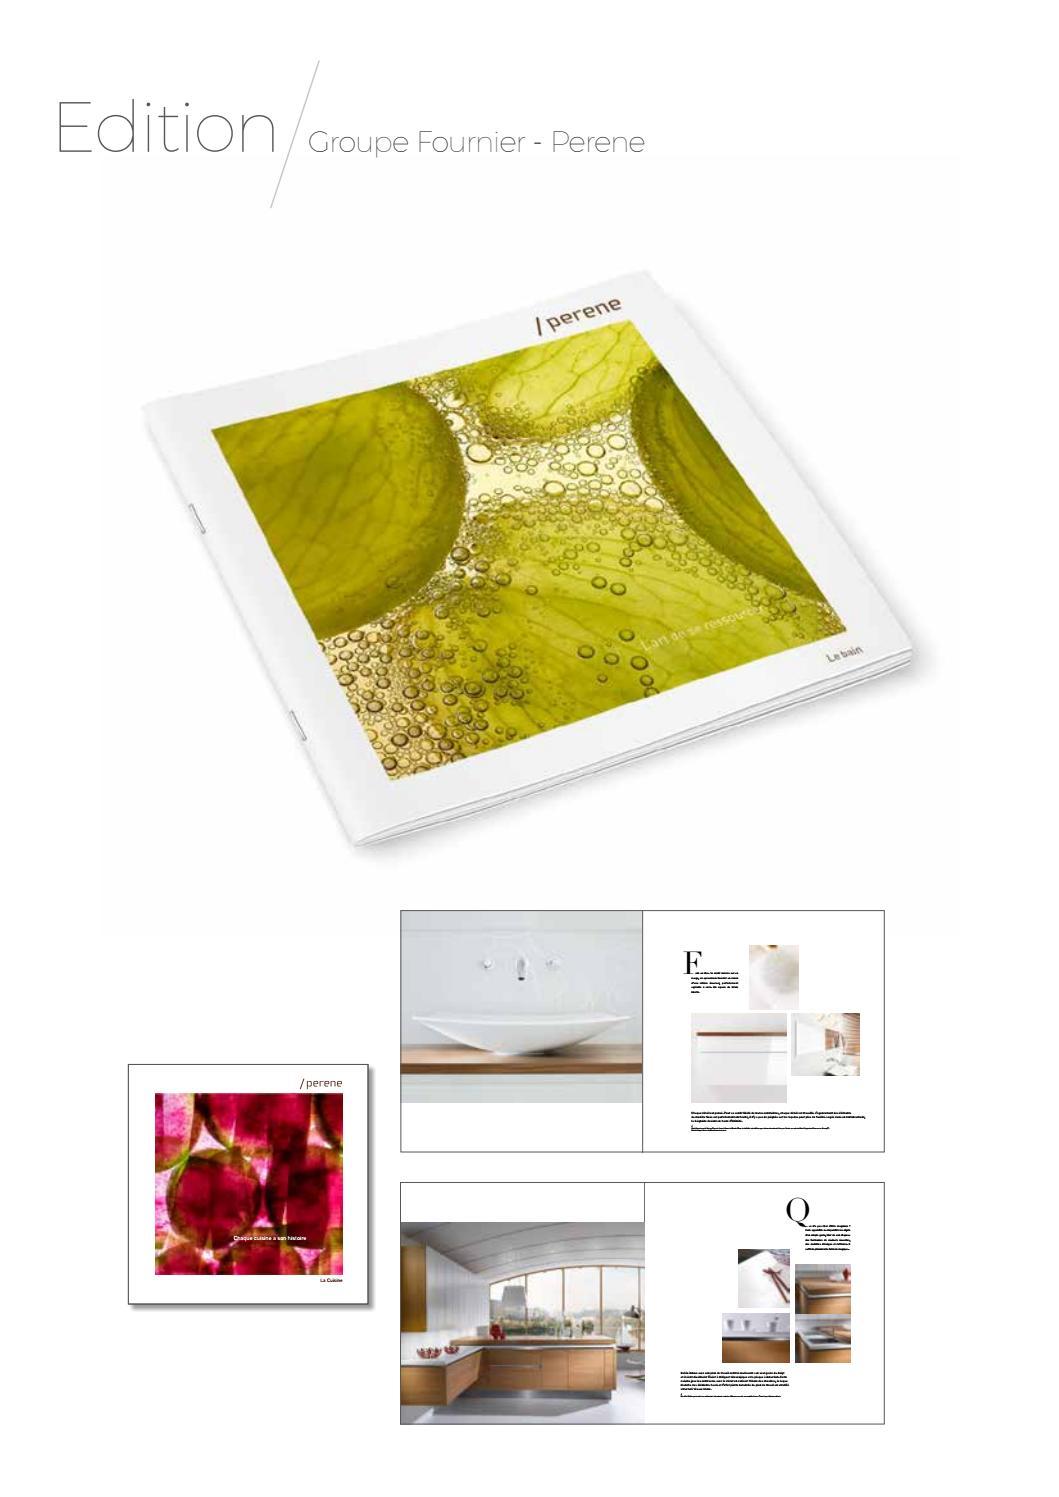 Sogal Traitement De Surface book graphisteveronique.forest - issuu